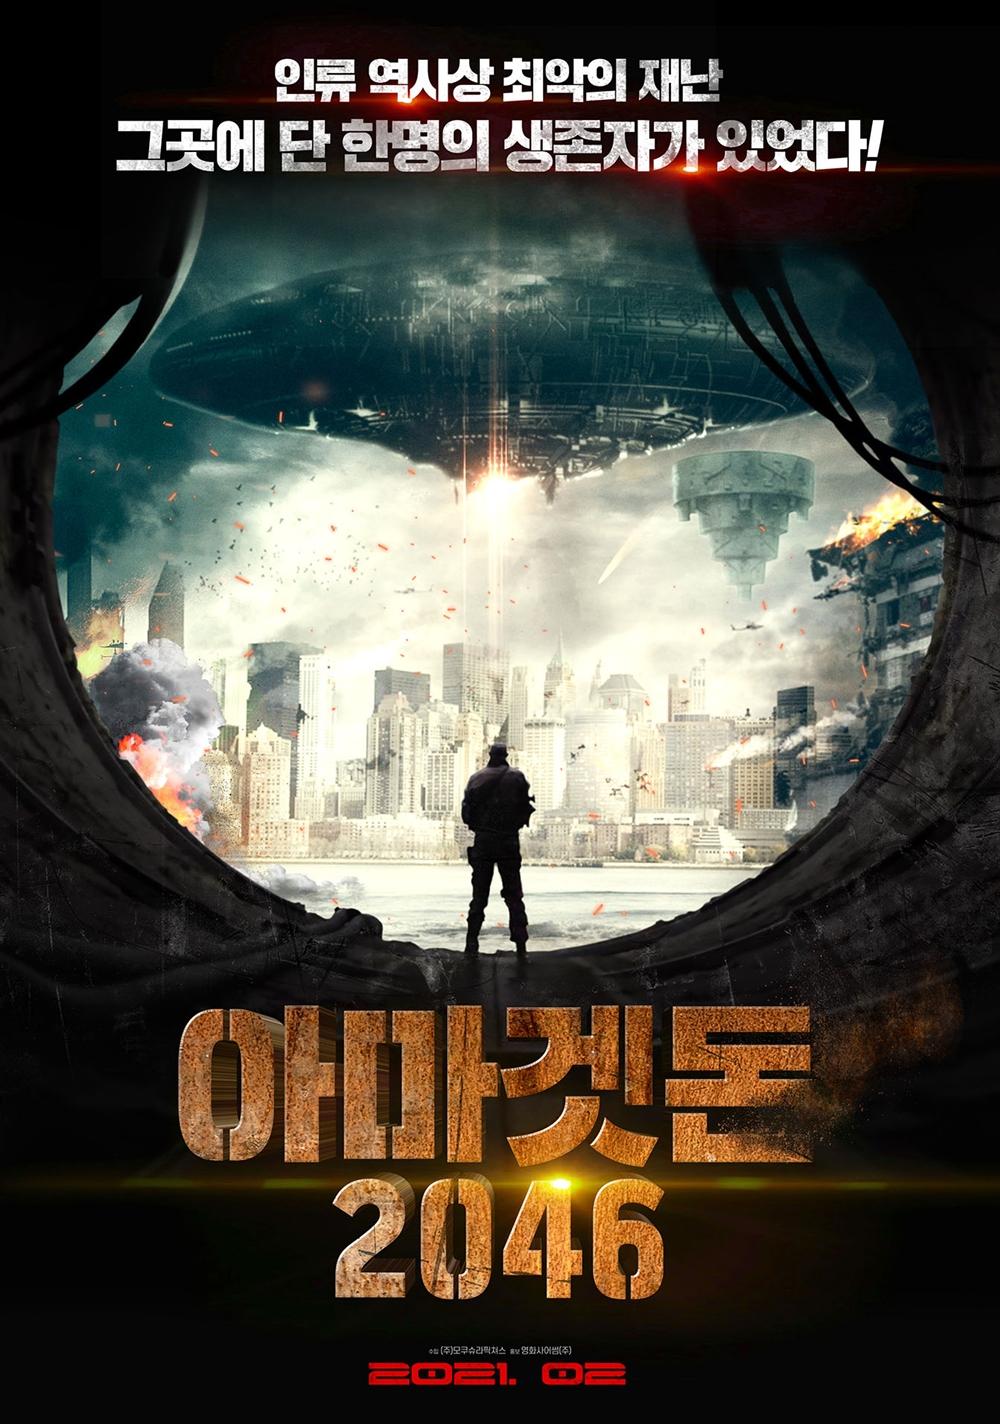 영화 '아마겟돈 2046' 포스터. 사진 (주)모쿠슈라픽처스